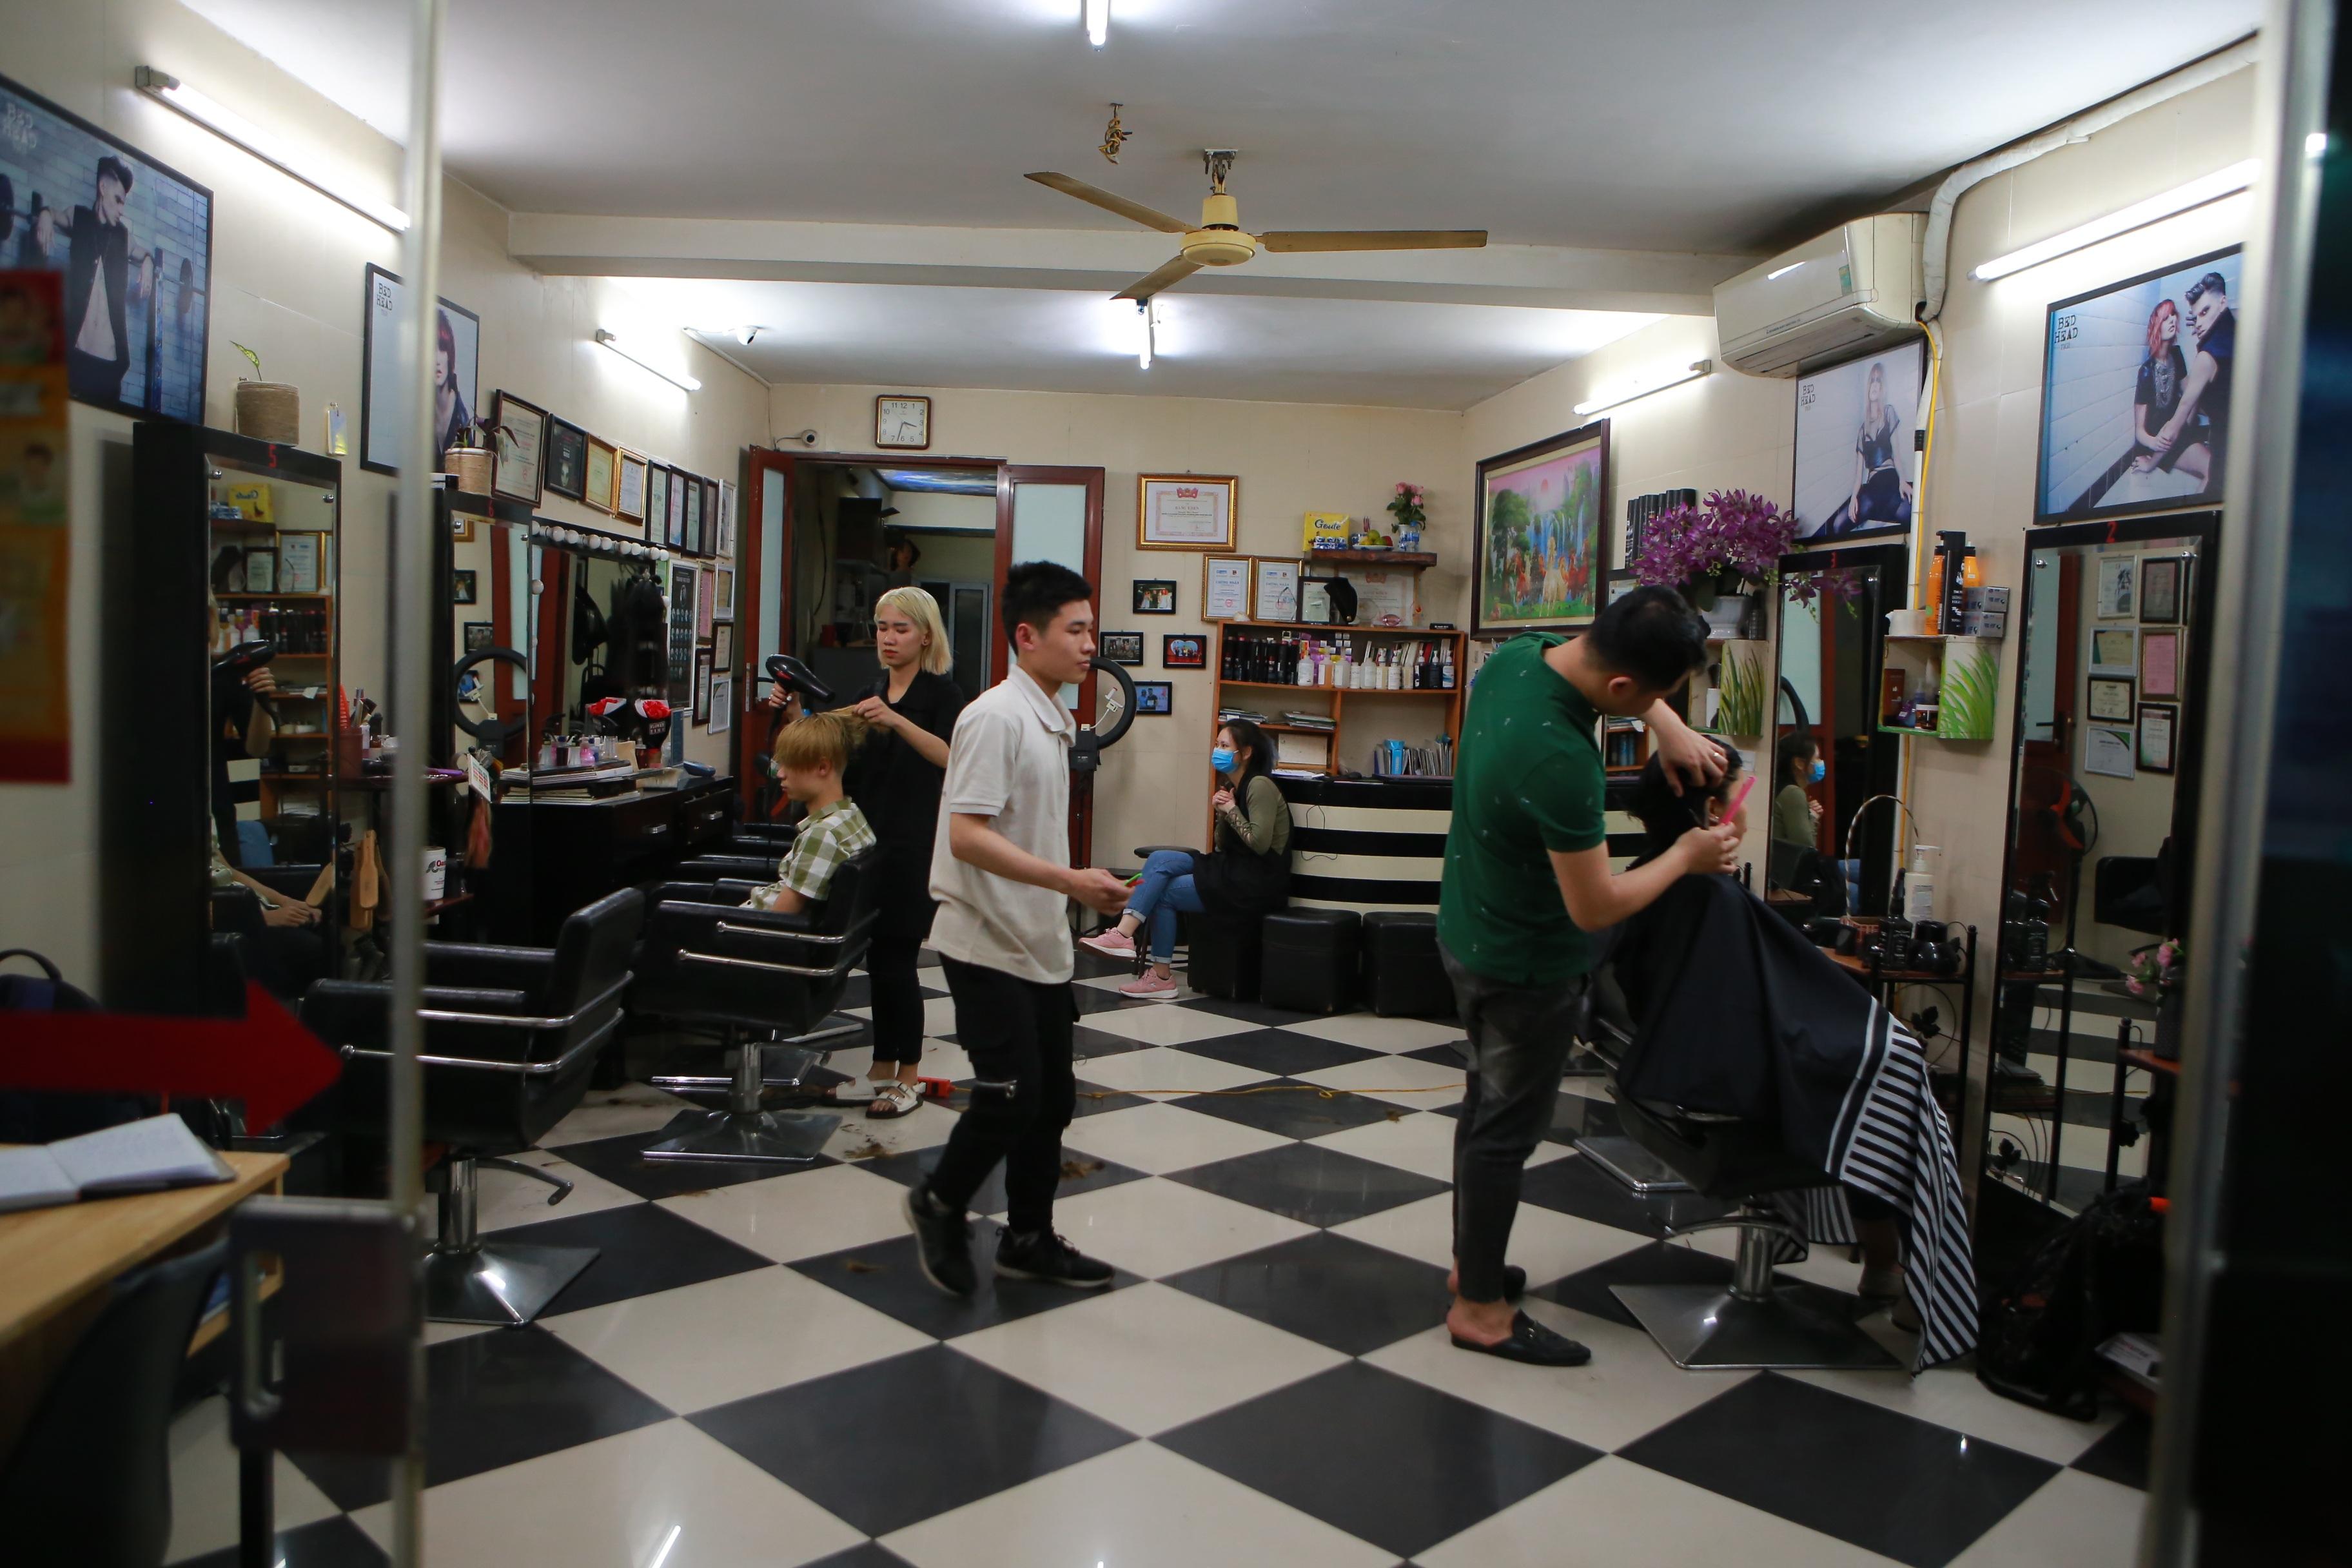 Chàng trai khiếm thính dạy cắt tóc miễn phí cho người khuyết tật ở Hà Nội - 1